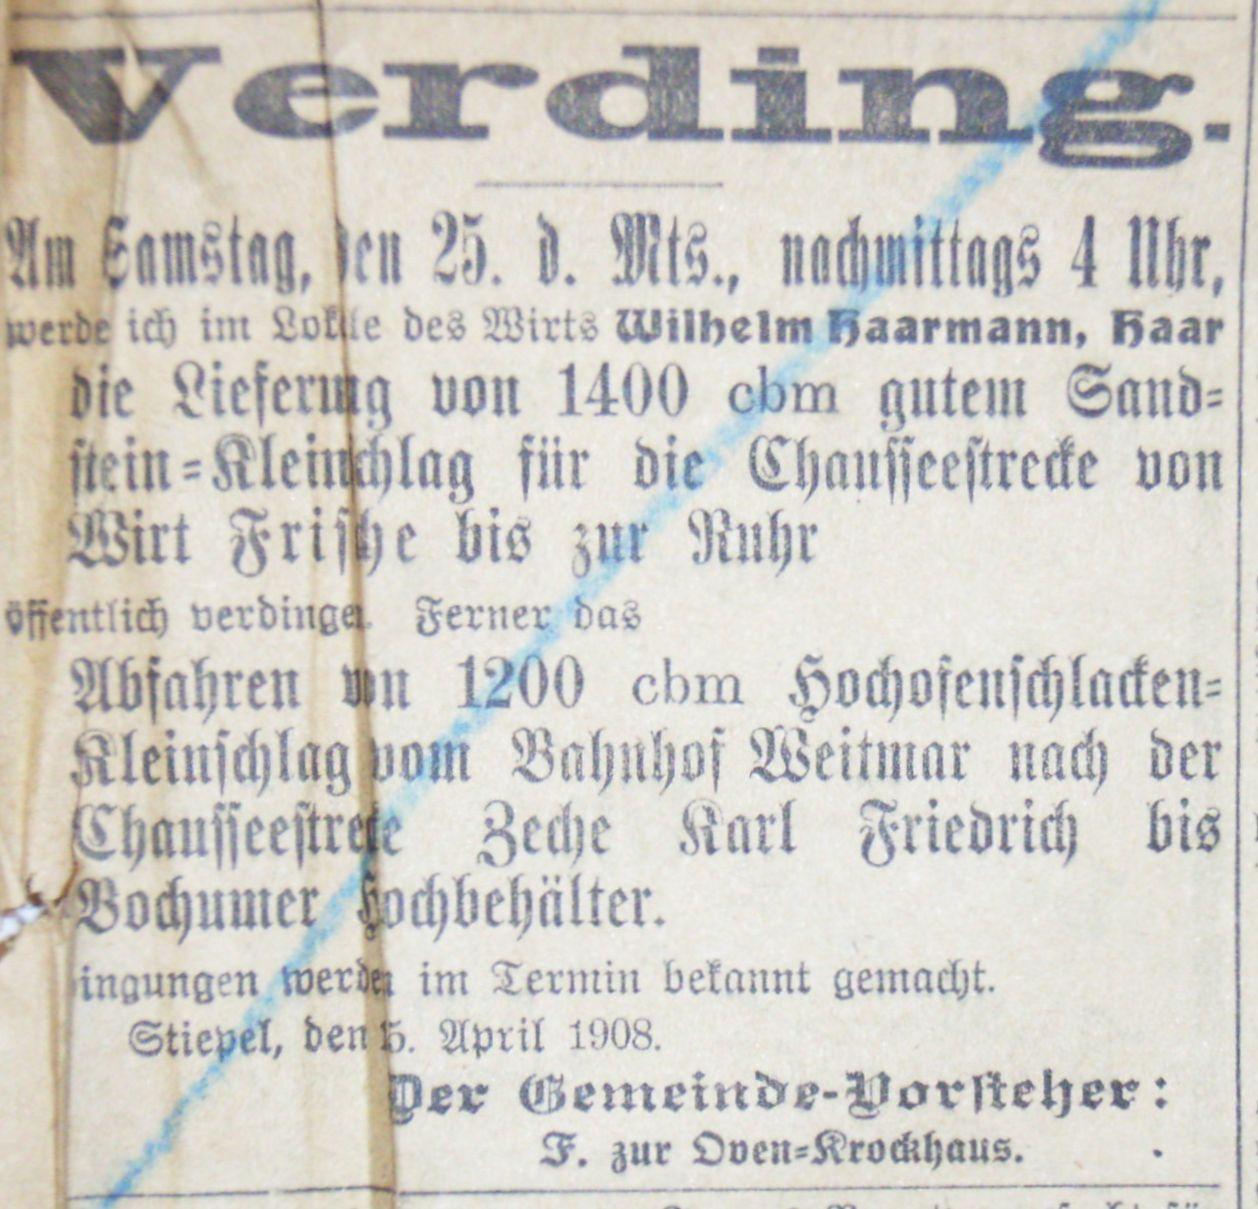 """Ausschreibung vom 15. April 1908: """"… die Lieferung von 1400 cbm gutem Sandstein-Kleinschlag."""""""